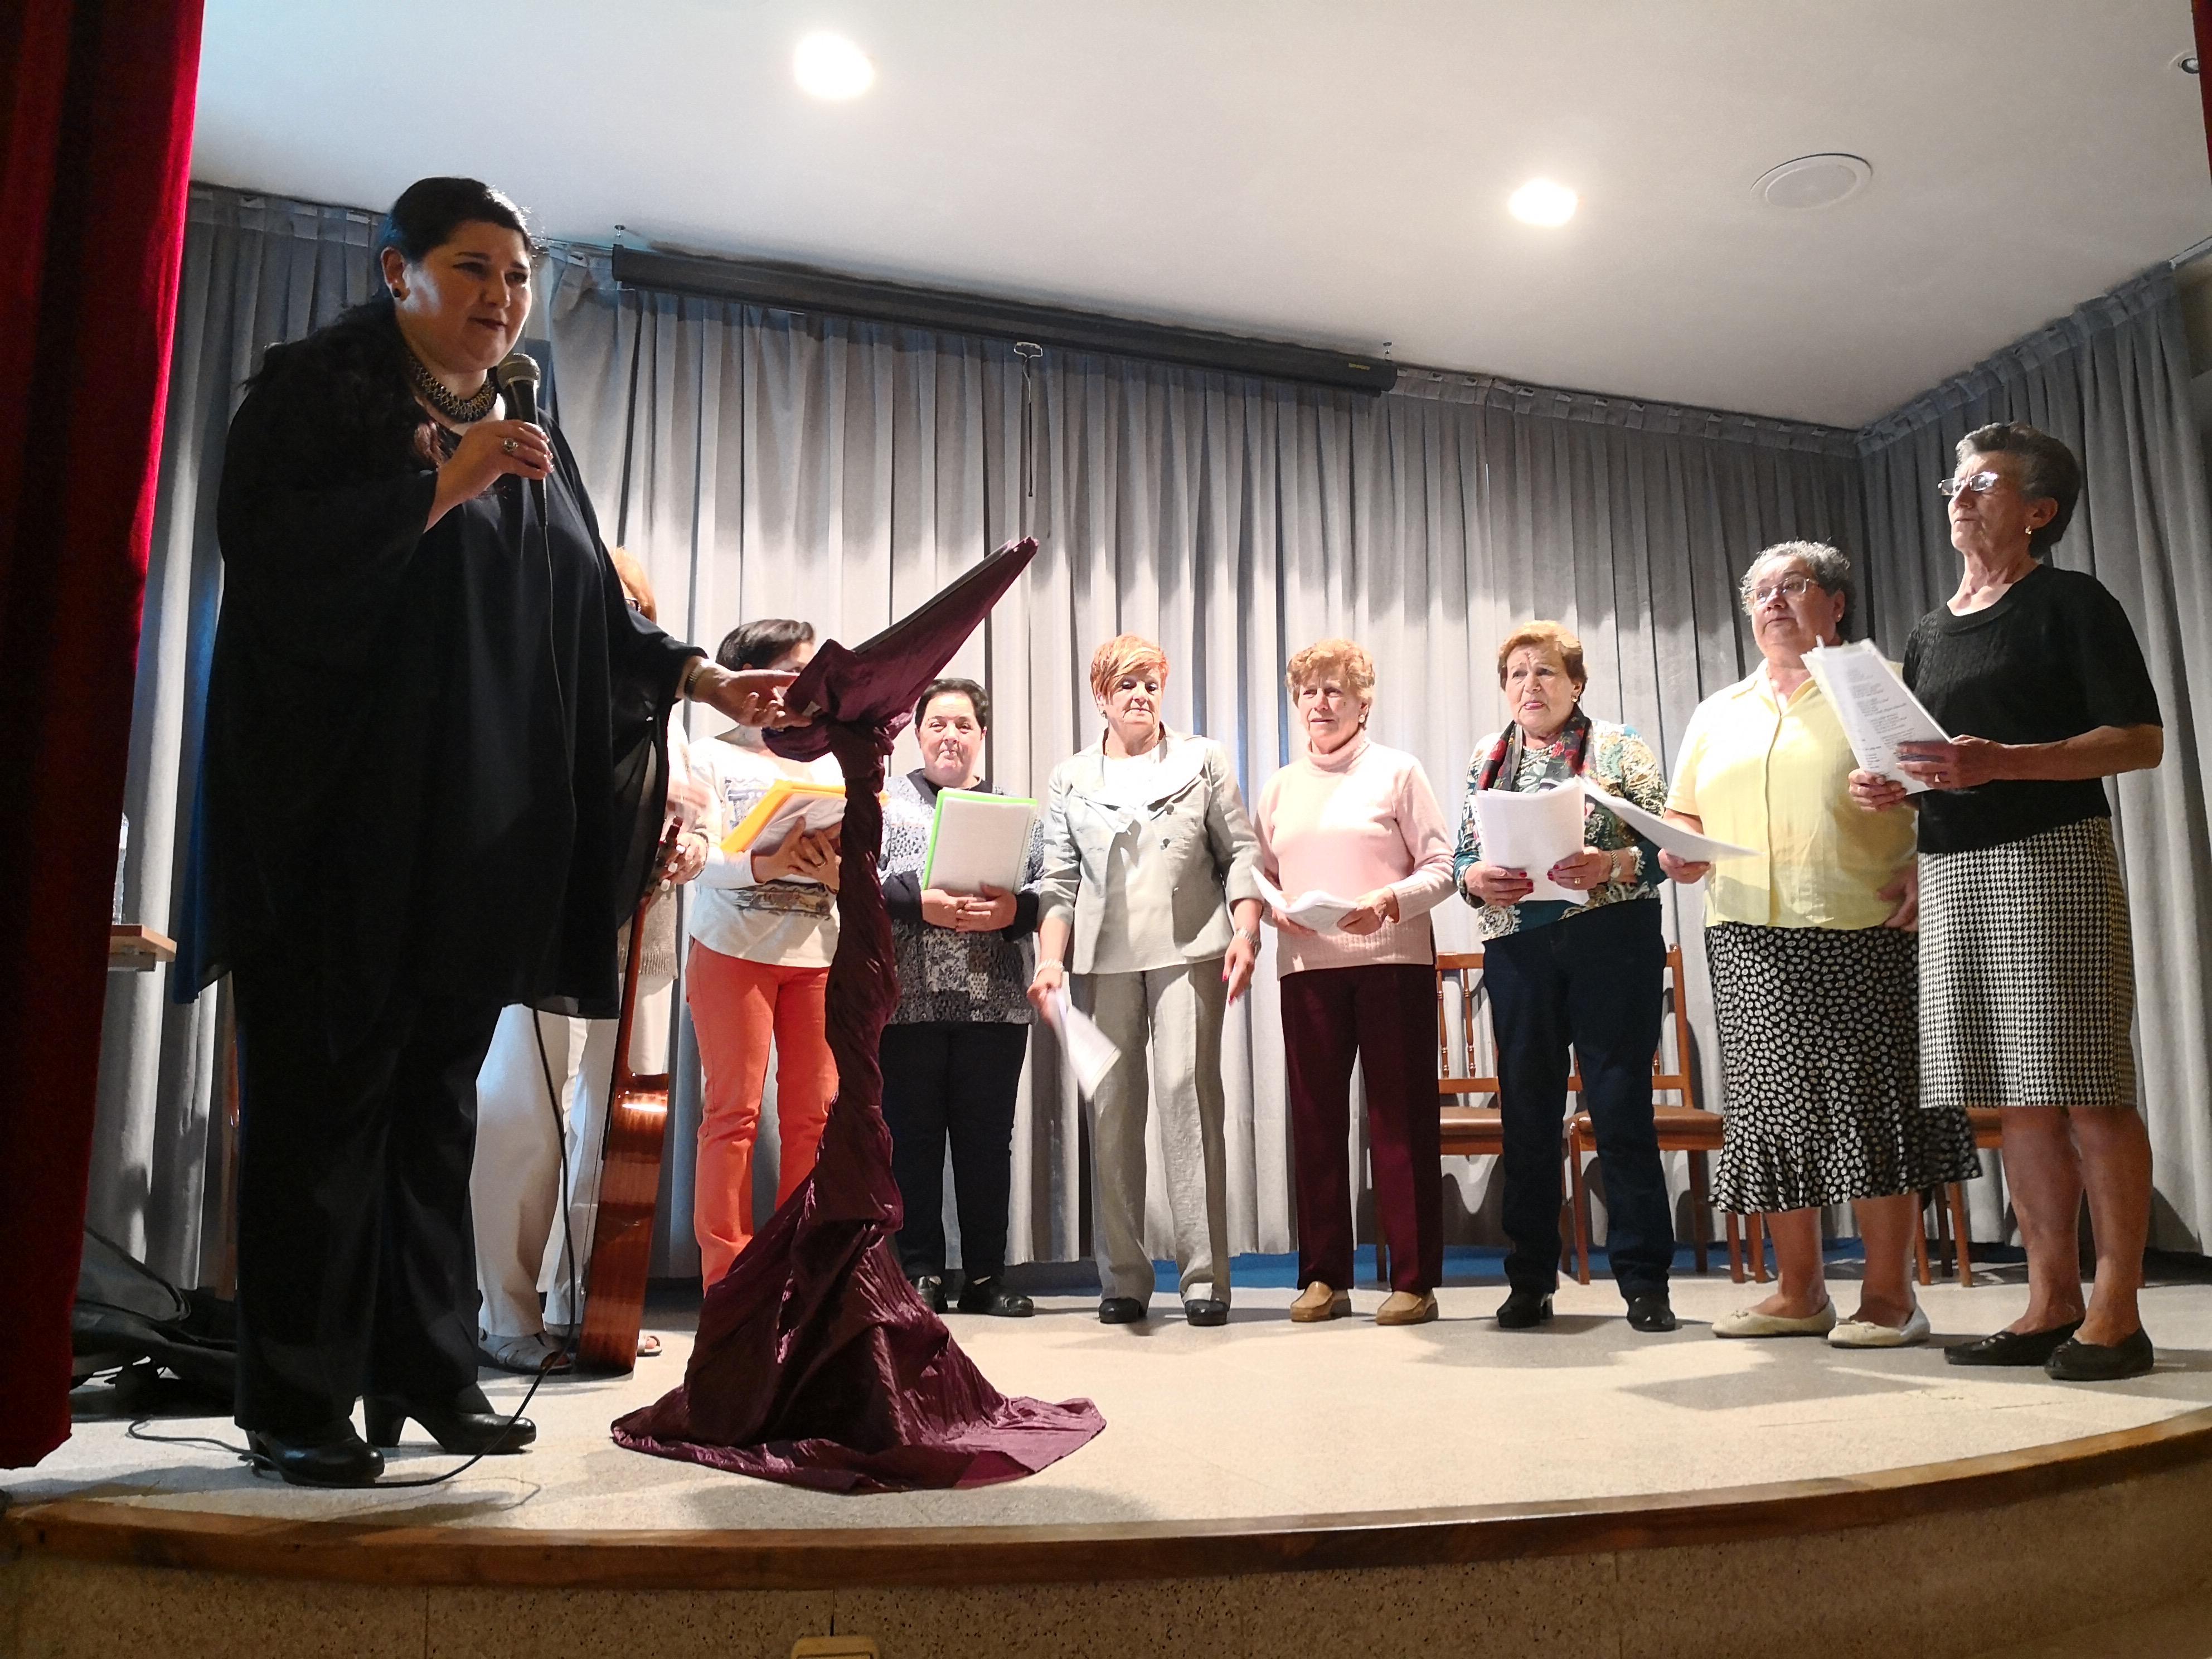 Concierto Coro Parroquial y pelicula. (Semana Cultural 2018)